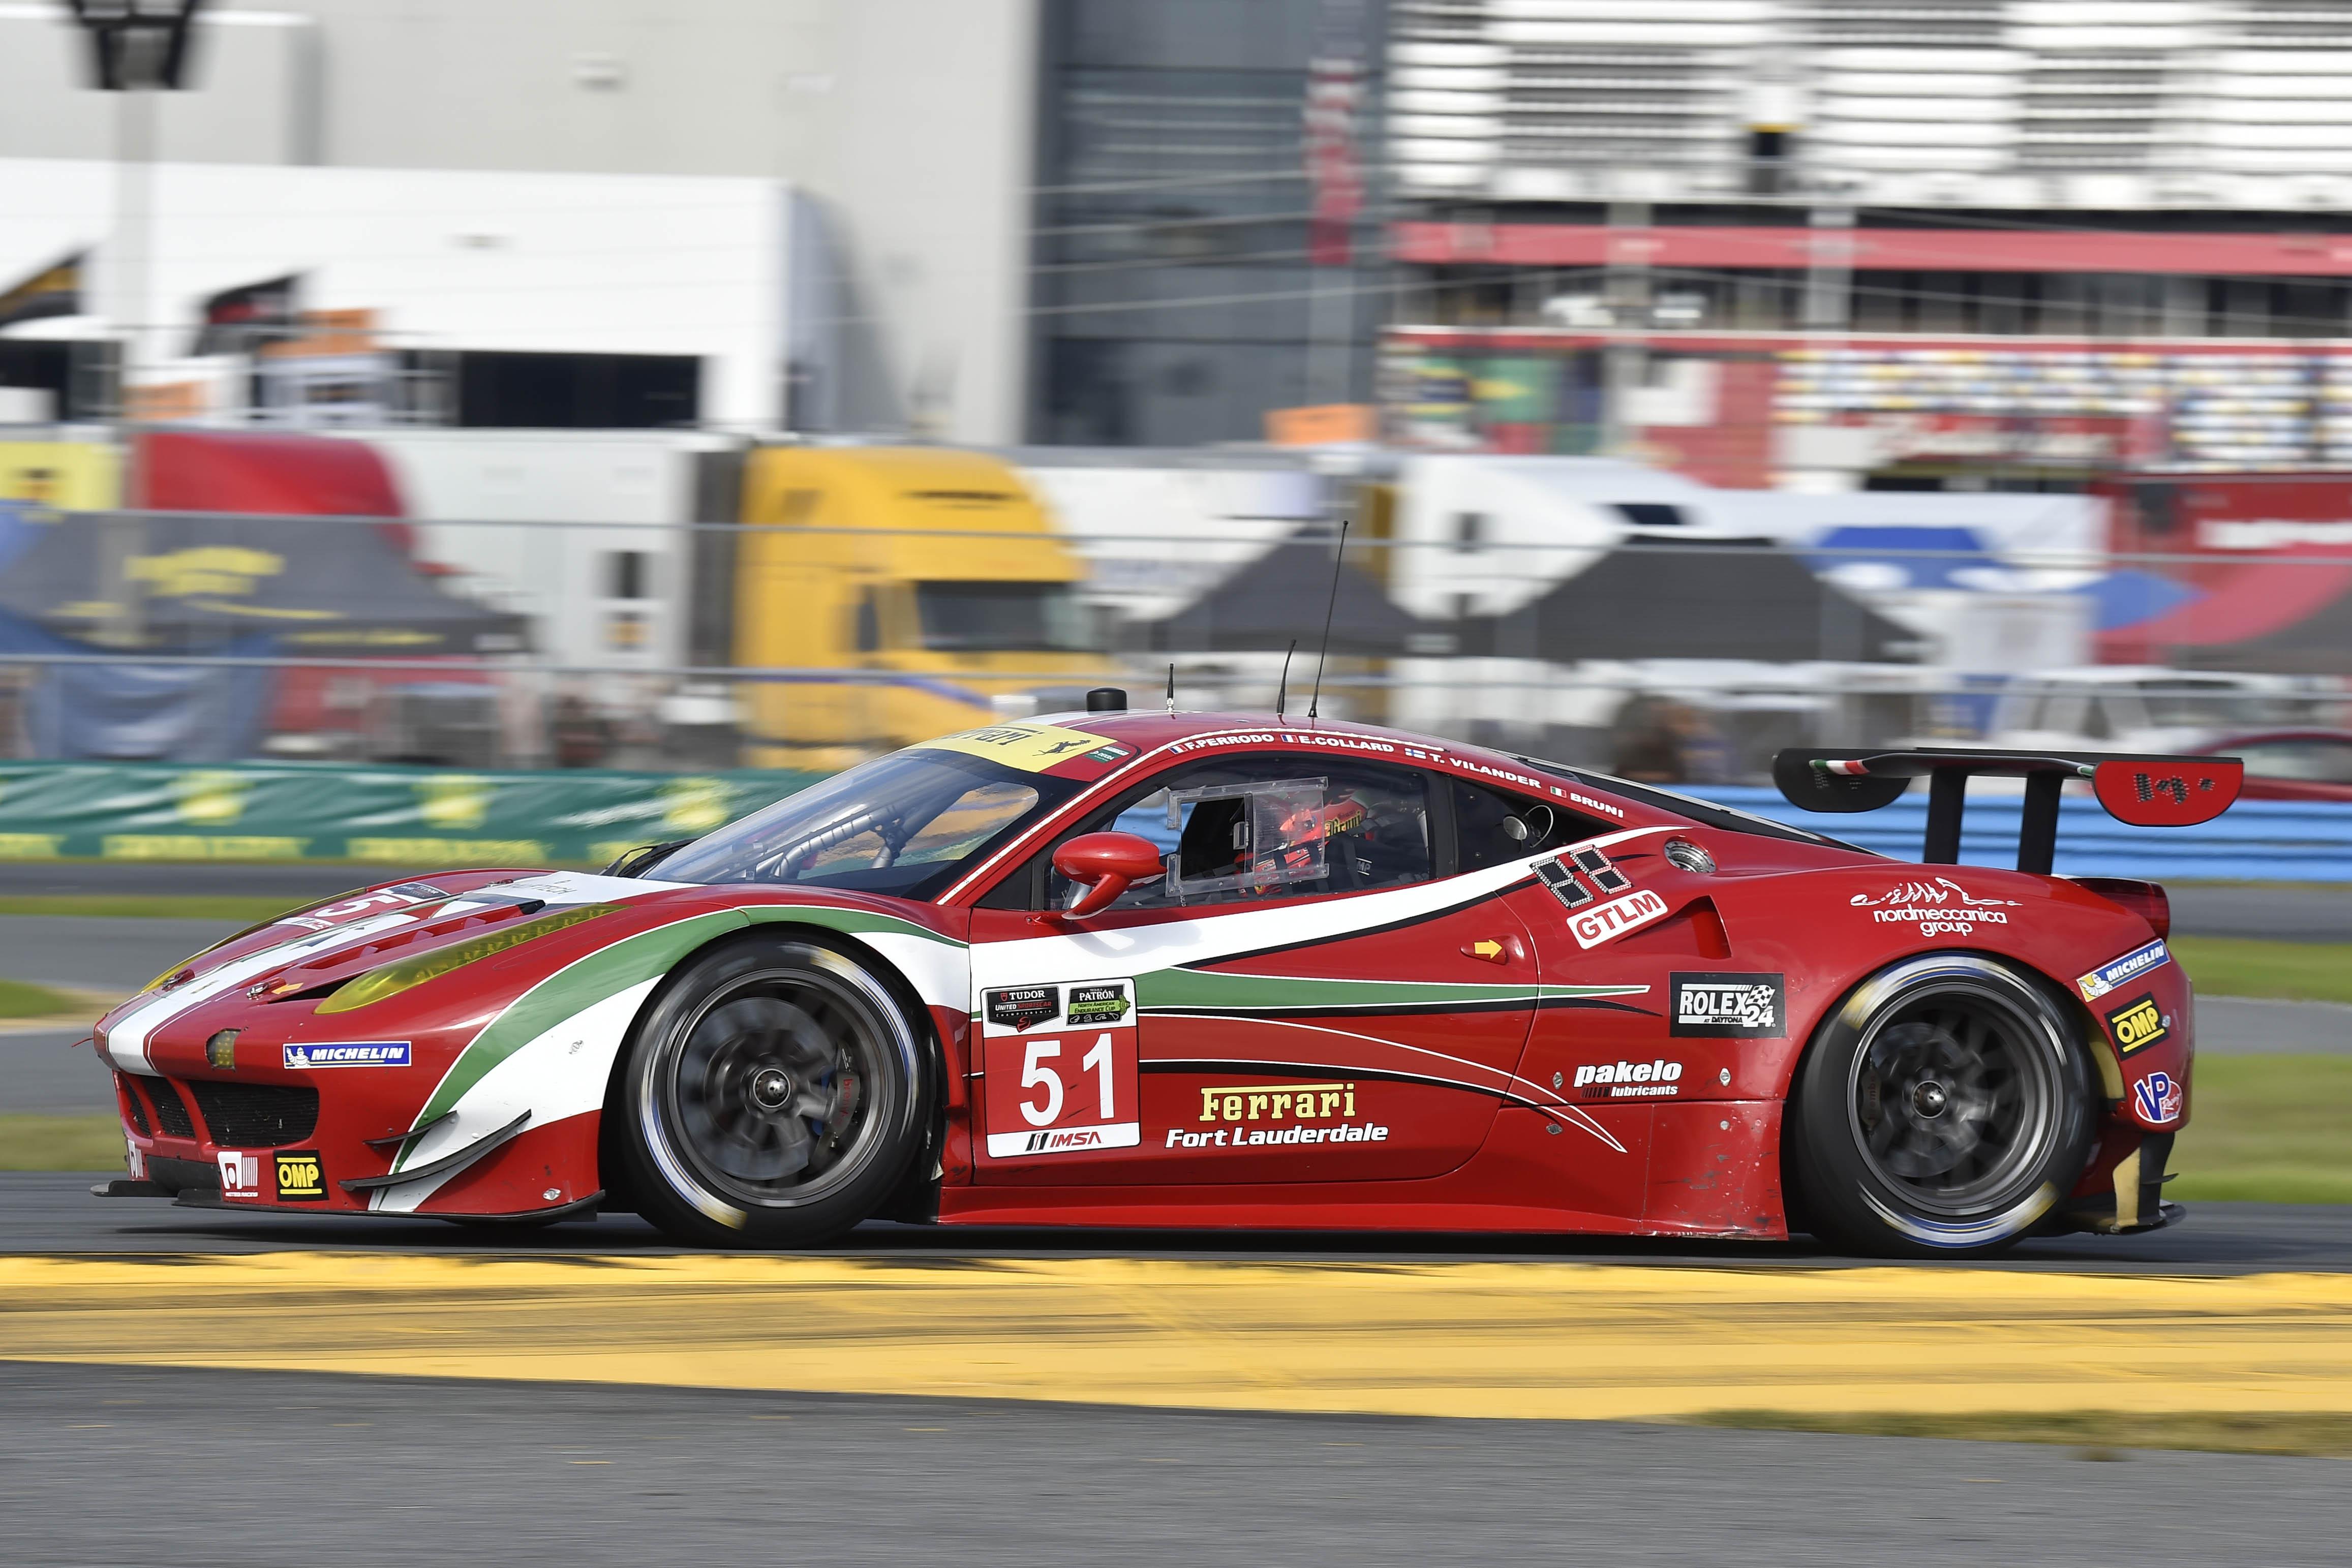 Ferrari a Daytona: prima fila per Bruni